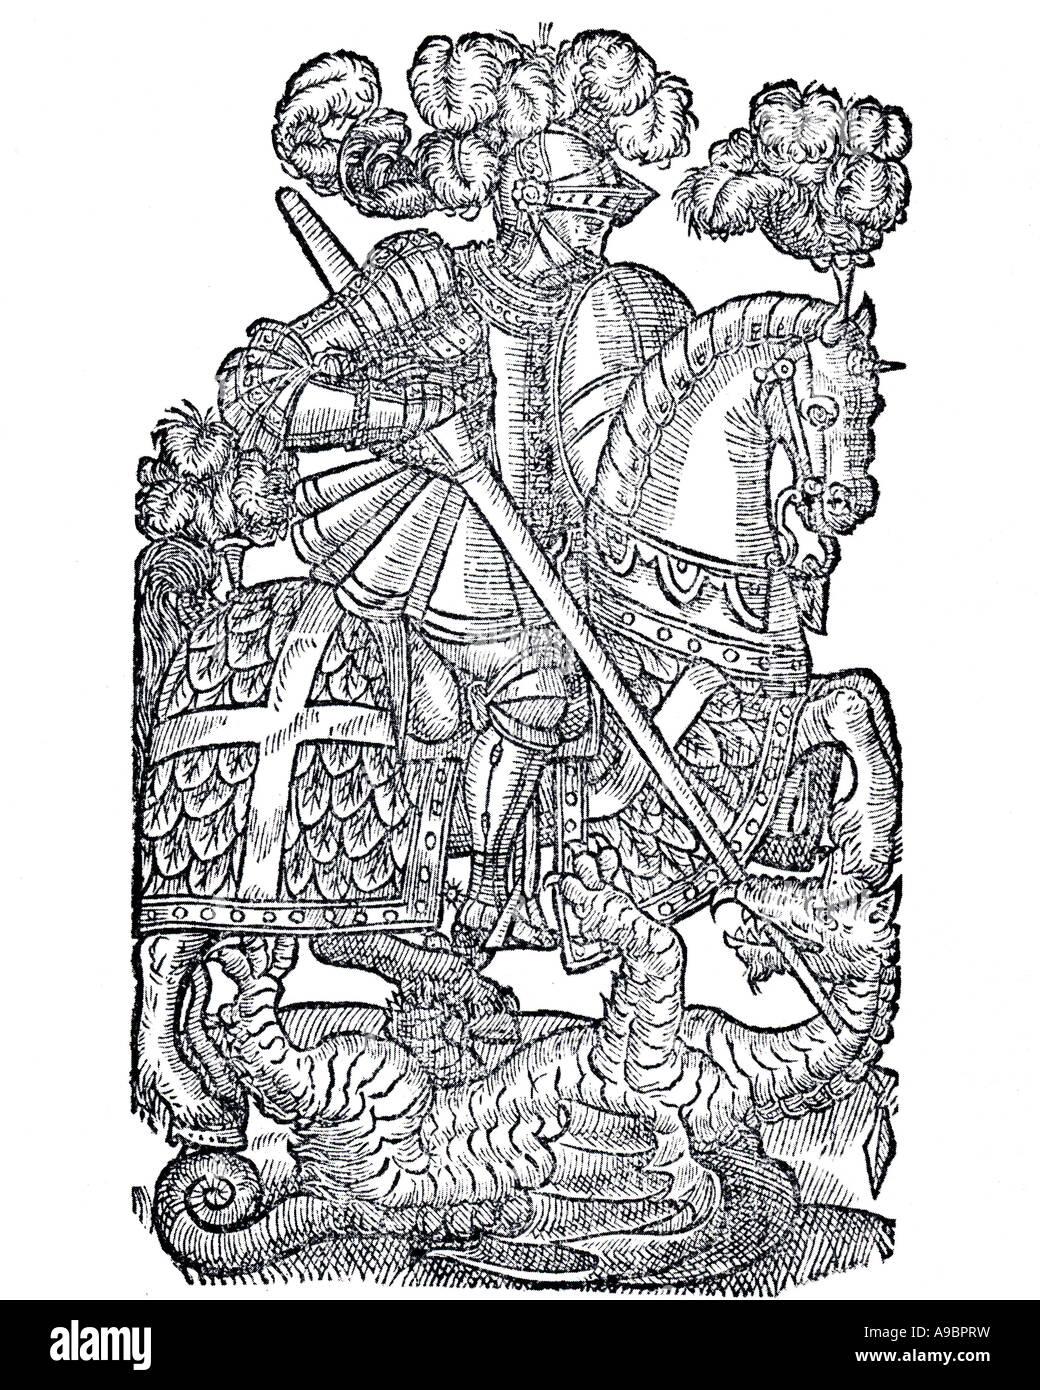 FAERIE QUEENE - xilografia dal 1590 edizione del poema epico da Edmund Spenser Immagini Stock